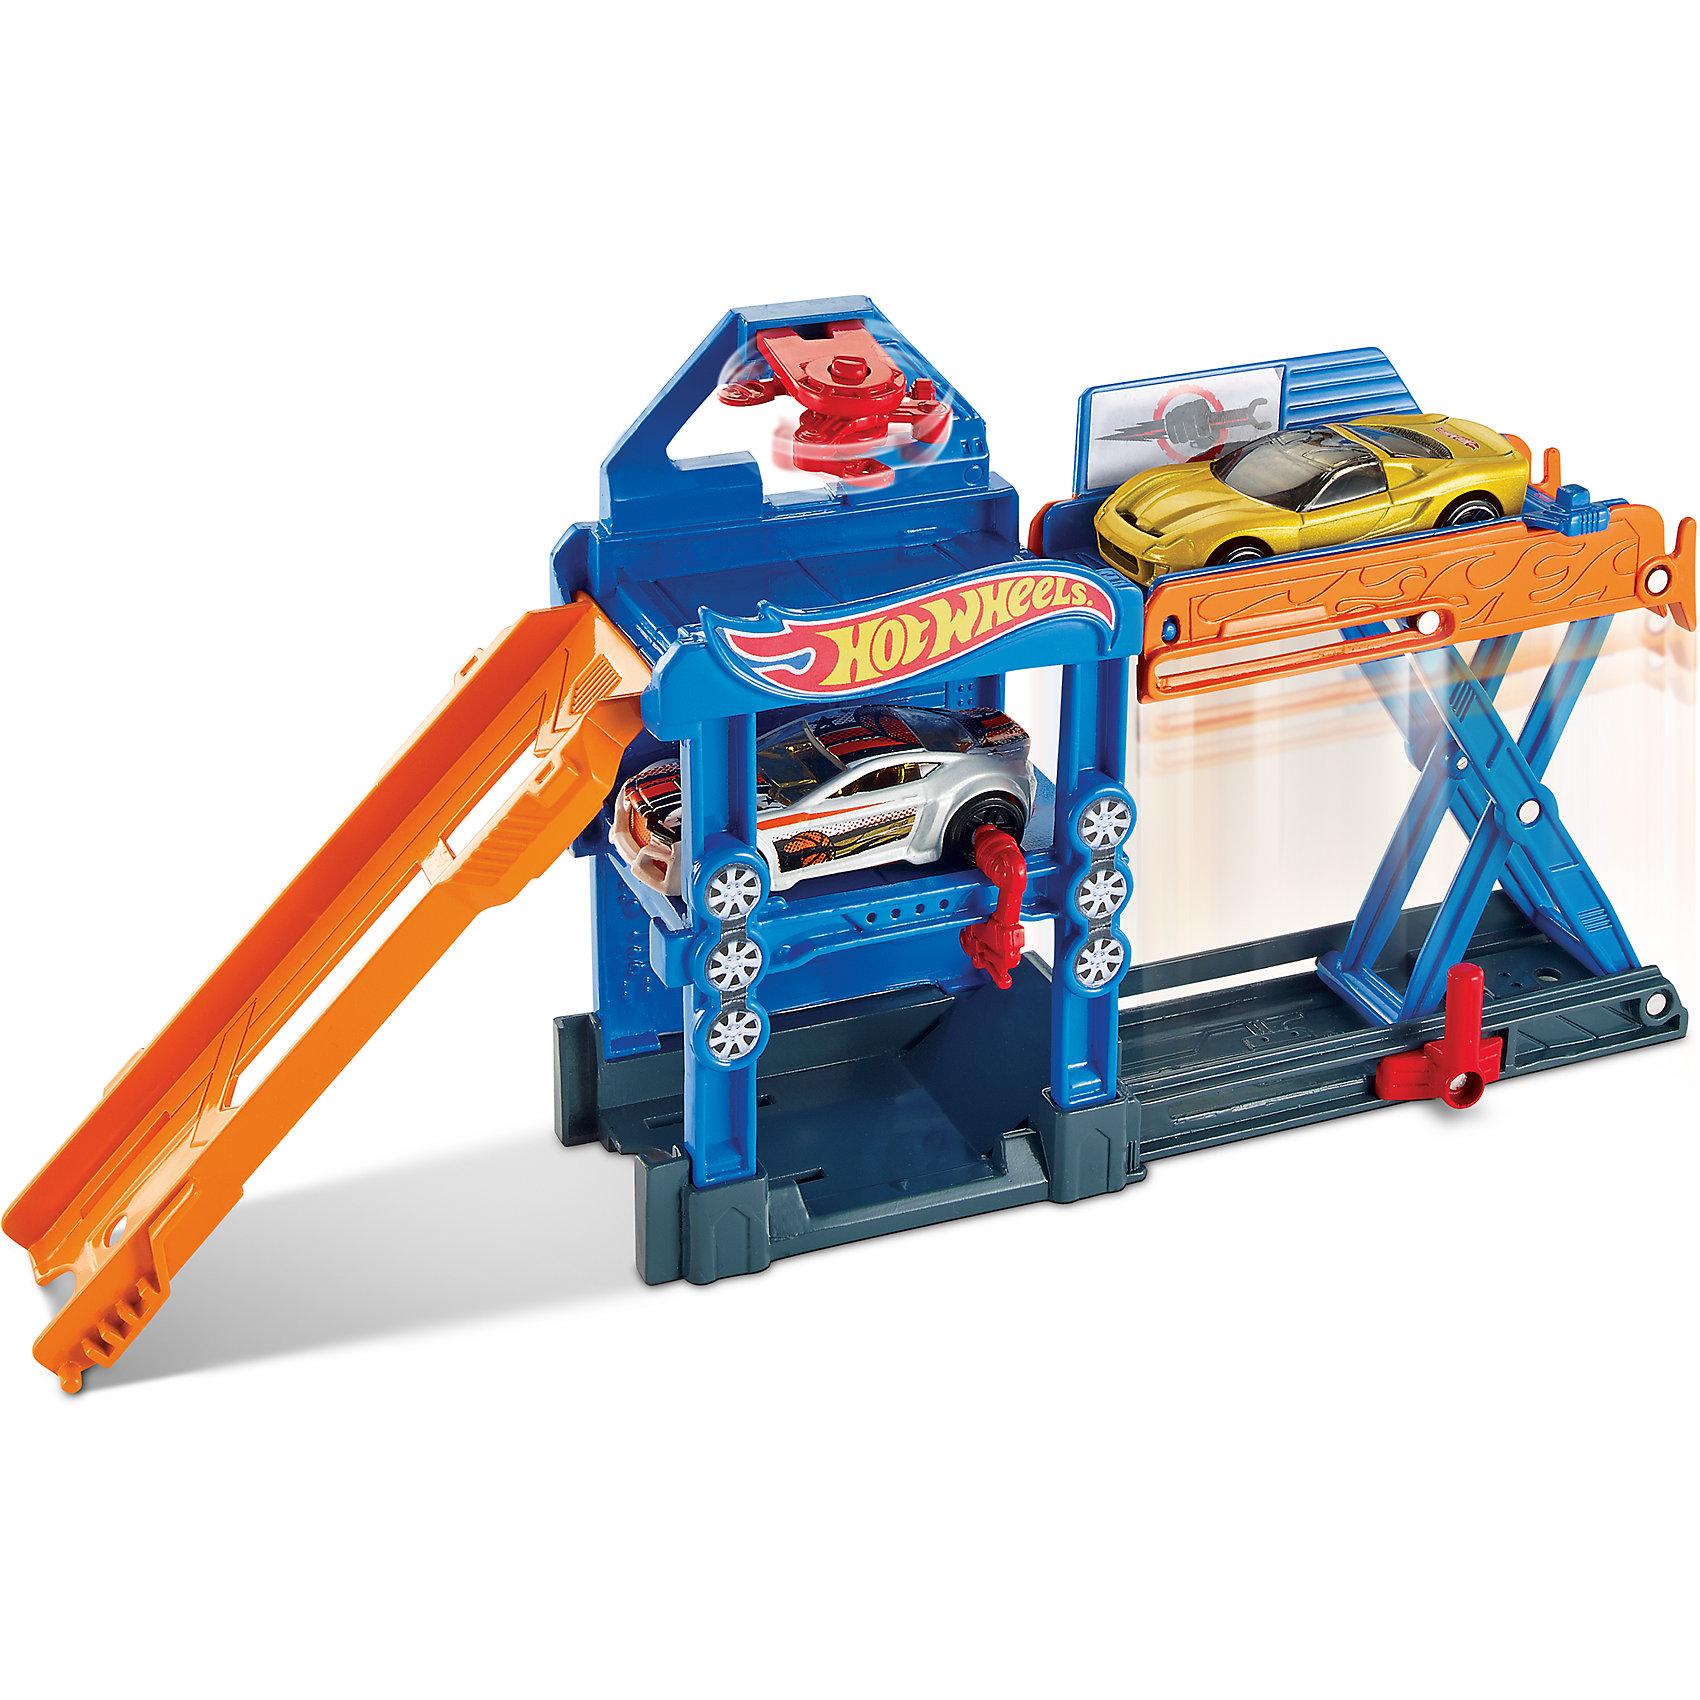 Трансформирующийся игровой набор Robo-Lift Speed Shop, Hot WheelsИгровые наборы<br>Характеристики товара:<br><br>• материал: пластик, металл<br>• комплектация: 1 машинка, мастерская<br>• хорошая детализация<br>• совместимы с игровыми наборами Hot Wheels<br>• возраст: от 4 лет<br>• размер упаковки: 21х6х21 см<br>• упаковка: блистер на картоне<br>• страна бренда: США<br><br>Играть с машинками обожает множество современных мальчишек. Сделать ребенку желанный подарок легко - приобретите такой набор Robo-Lift Speed Shop от бренда Hot Wheels! В него входит машинка и мастерская с лифтом, где можно приводить машину в порядок после гонок.<br><br>Эти игрушки от Mattel отлично проработаны. Они отличаются безопасными материалами и высокой степенью детализации. С таким набором можно придумать множество игр! Параллельно ребенок будет развивать фантазию, пространственное мышление и мелкую моторику.<br><br>Трансформирующийся игровой набор Robo-Lift Speed Shop, Hot Wheels, от компании Mattel можно купить в нашем интернет-магазине.<br><br>Ширина мм: 205<br>Глубина мм: 65<br>Высота мм: 190<br>Вес г: 322<br>Возраст от месяцев: 48<br>Возраст до месяцев: 120<br>Пол: Мужской<br>Возраст: Детский<br>SKU: 5389681